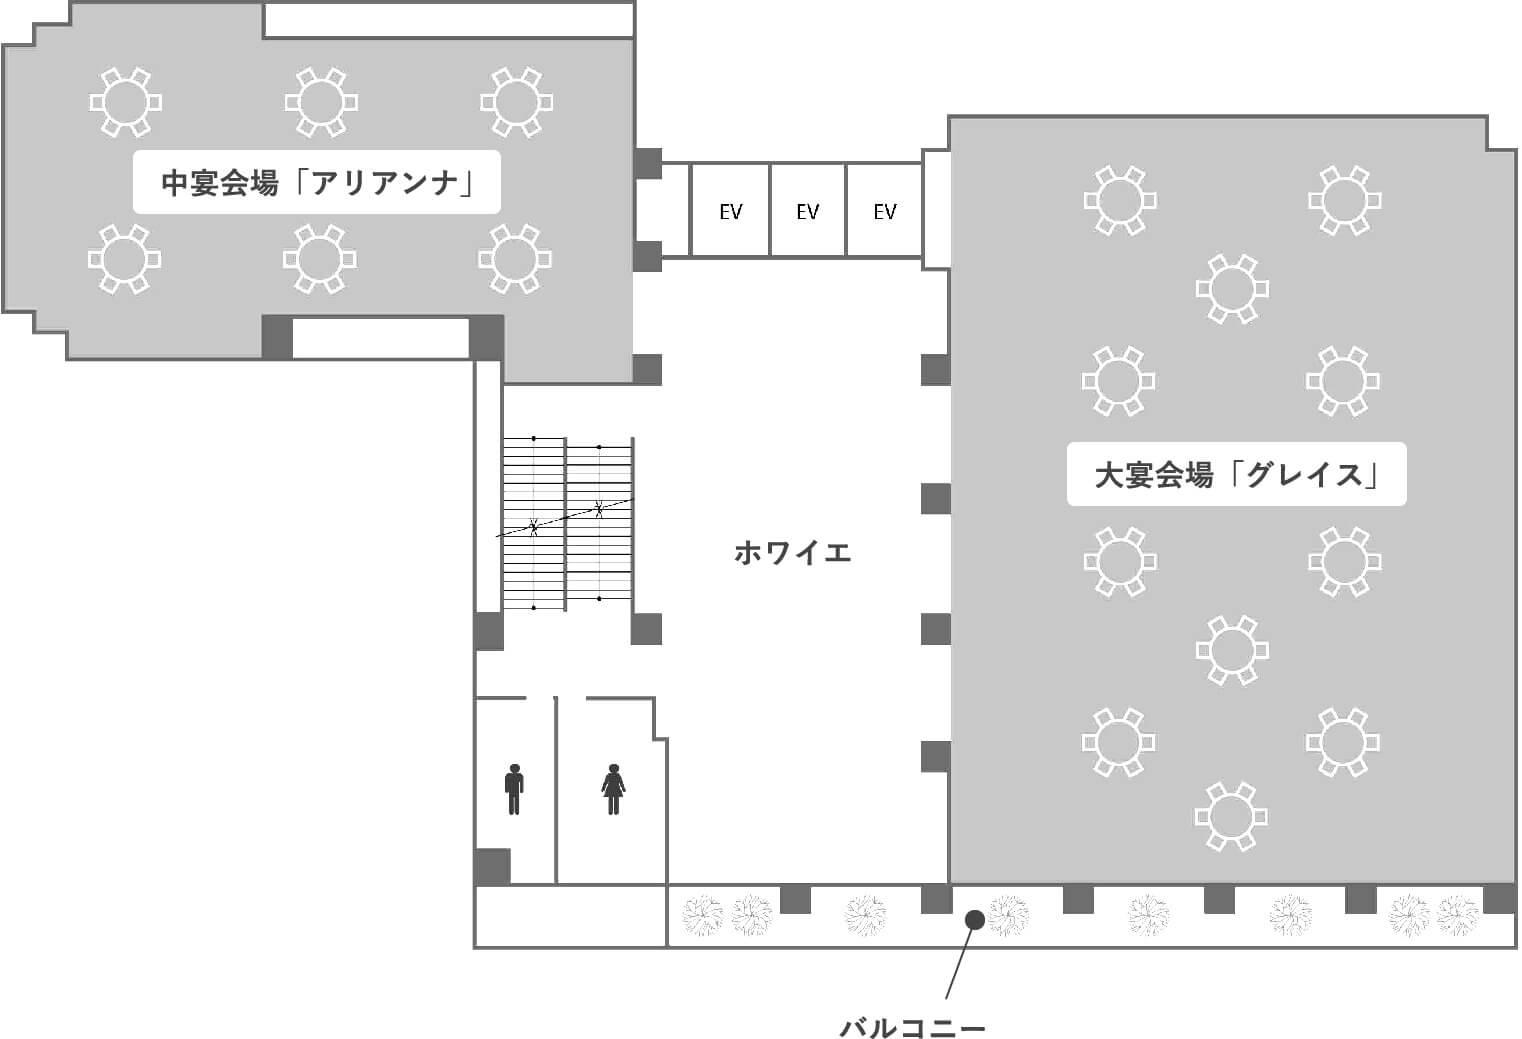 3階のフロアマップ画像